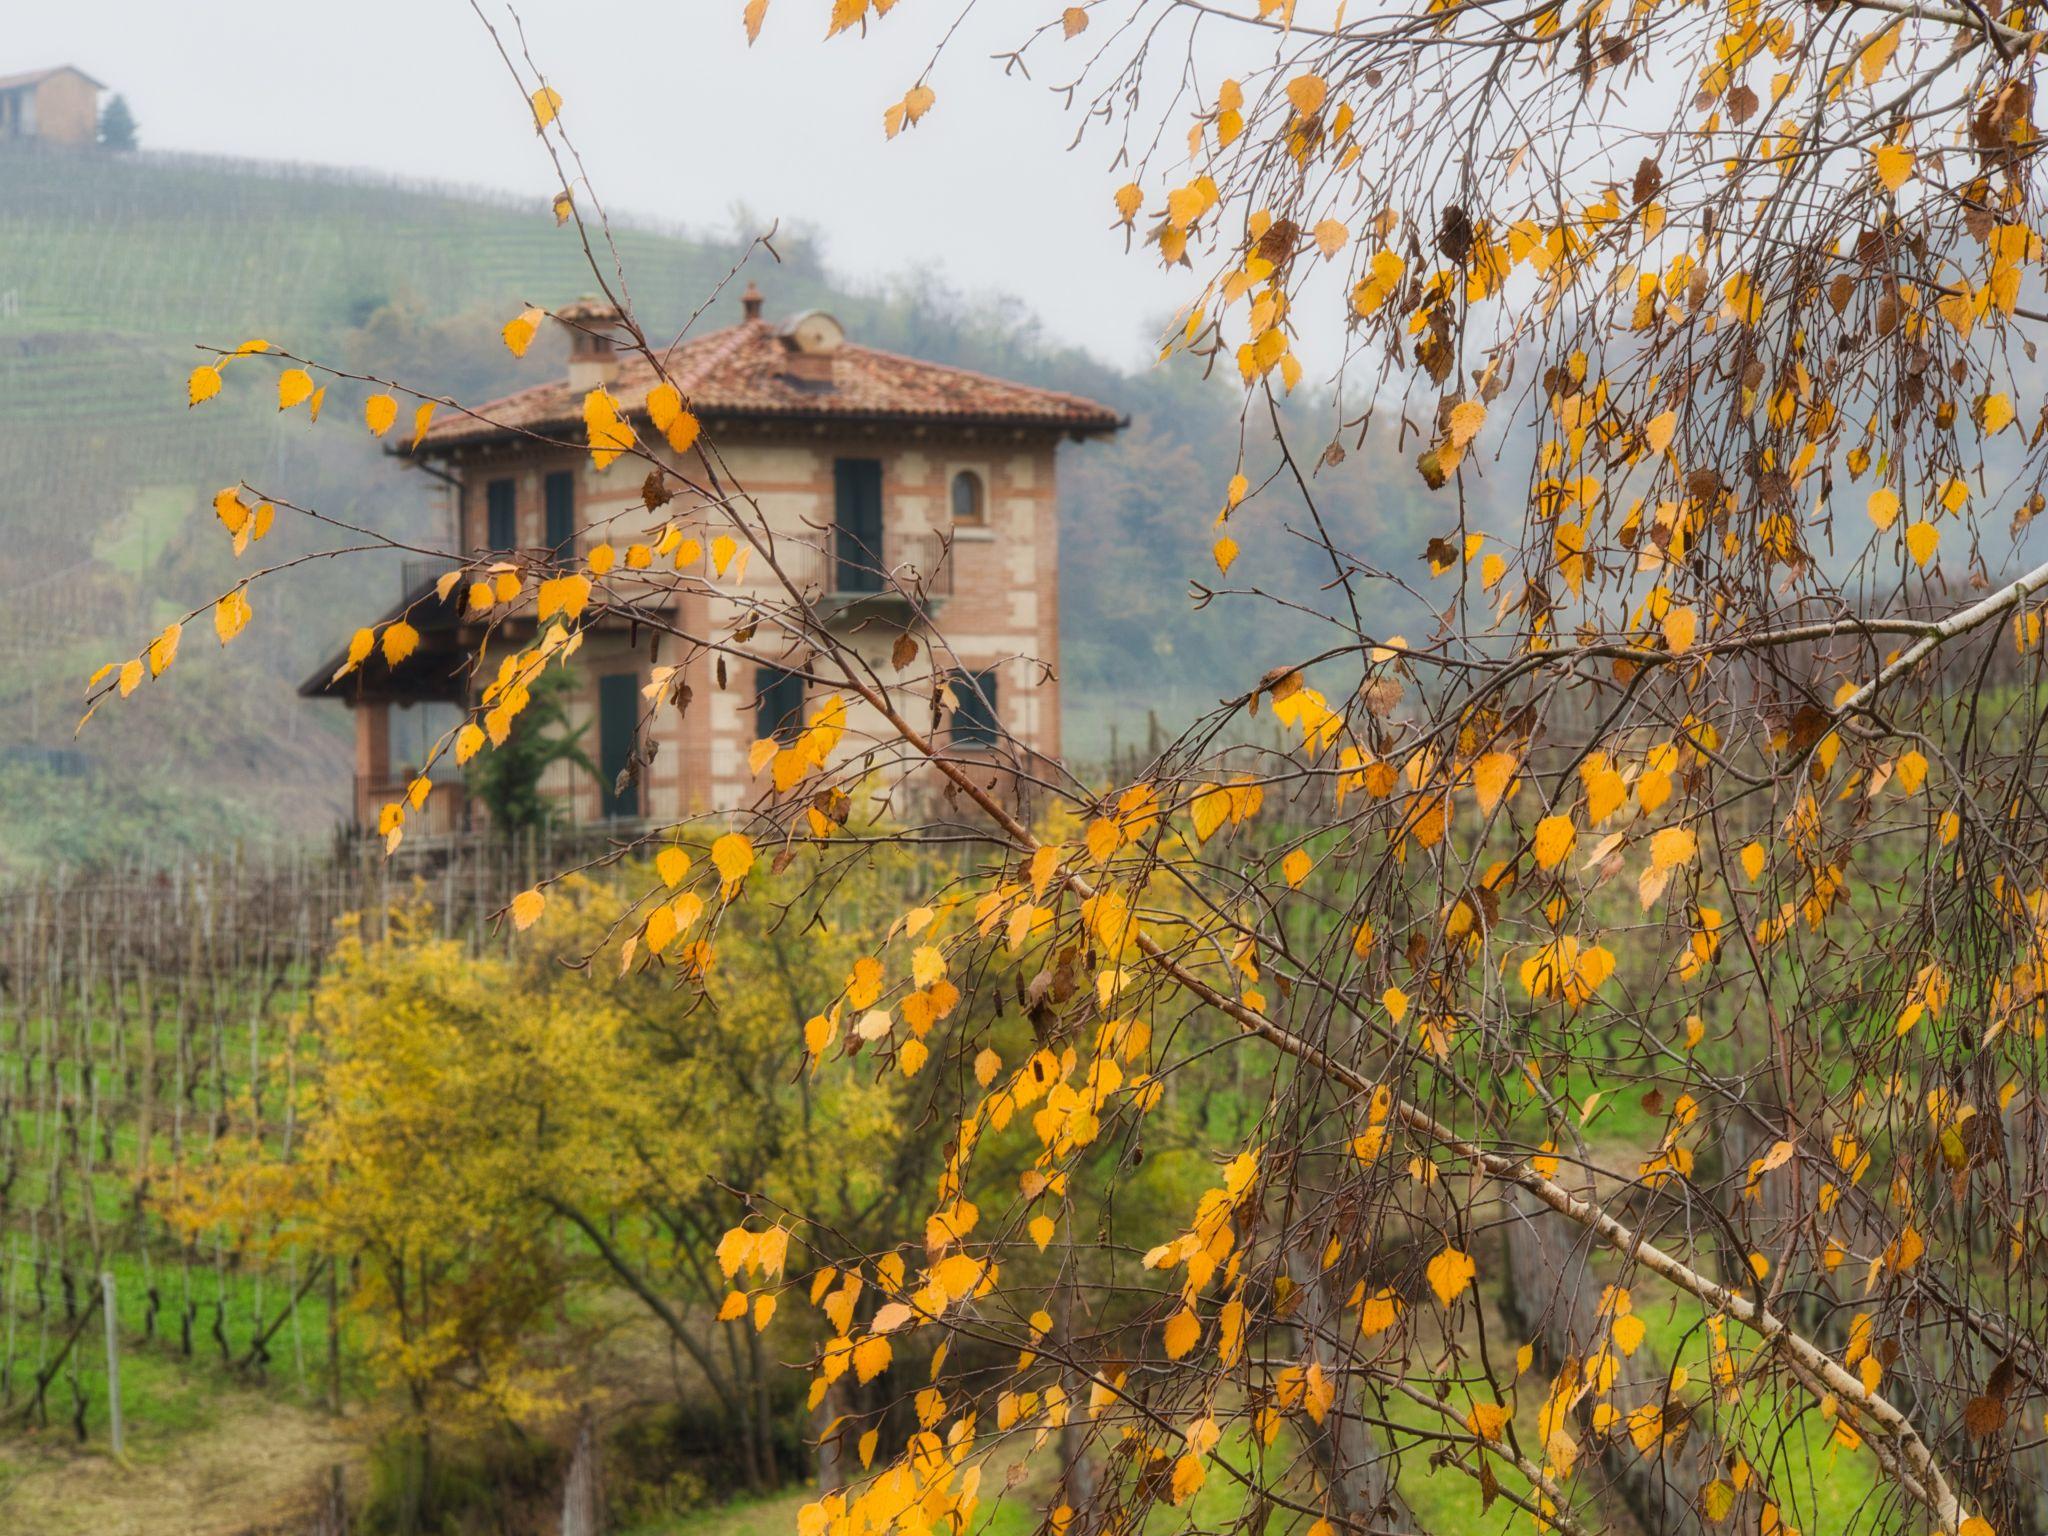 Piemontese Valley, Italy